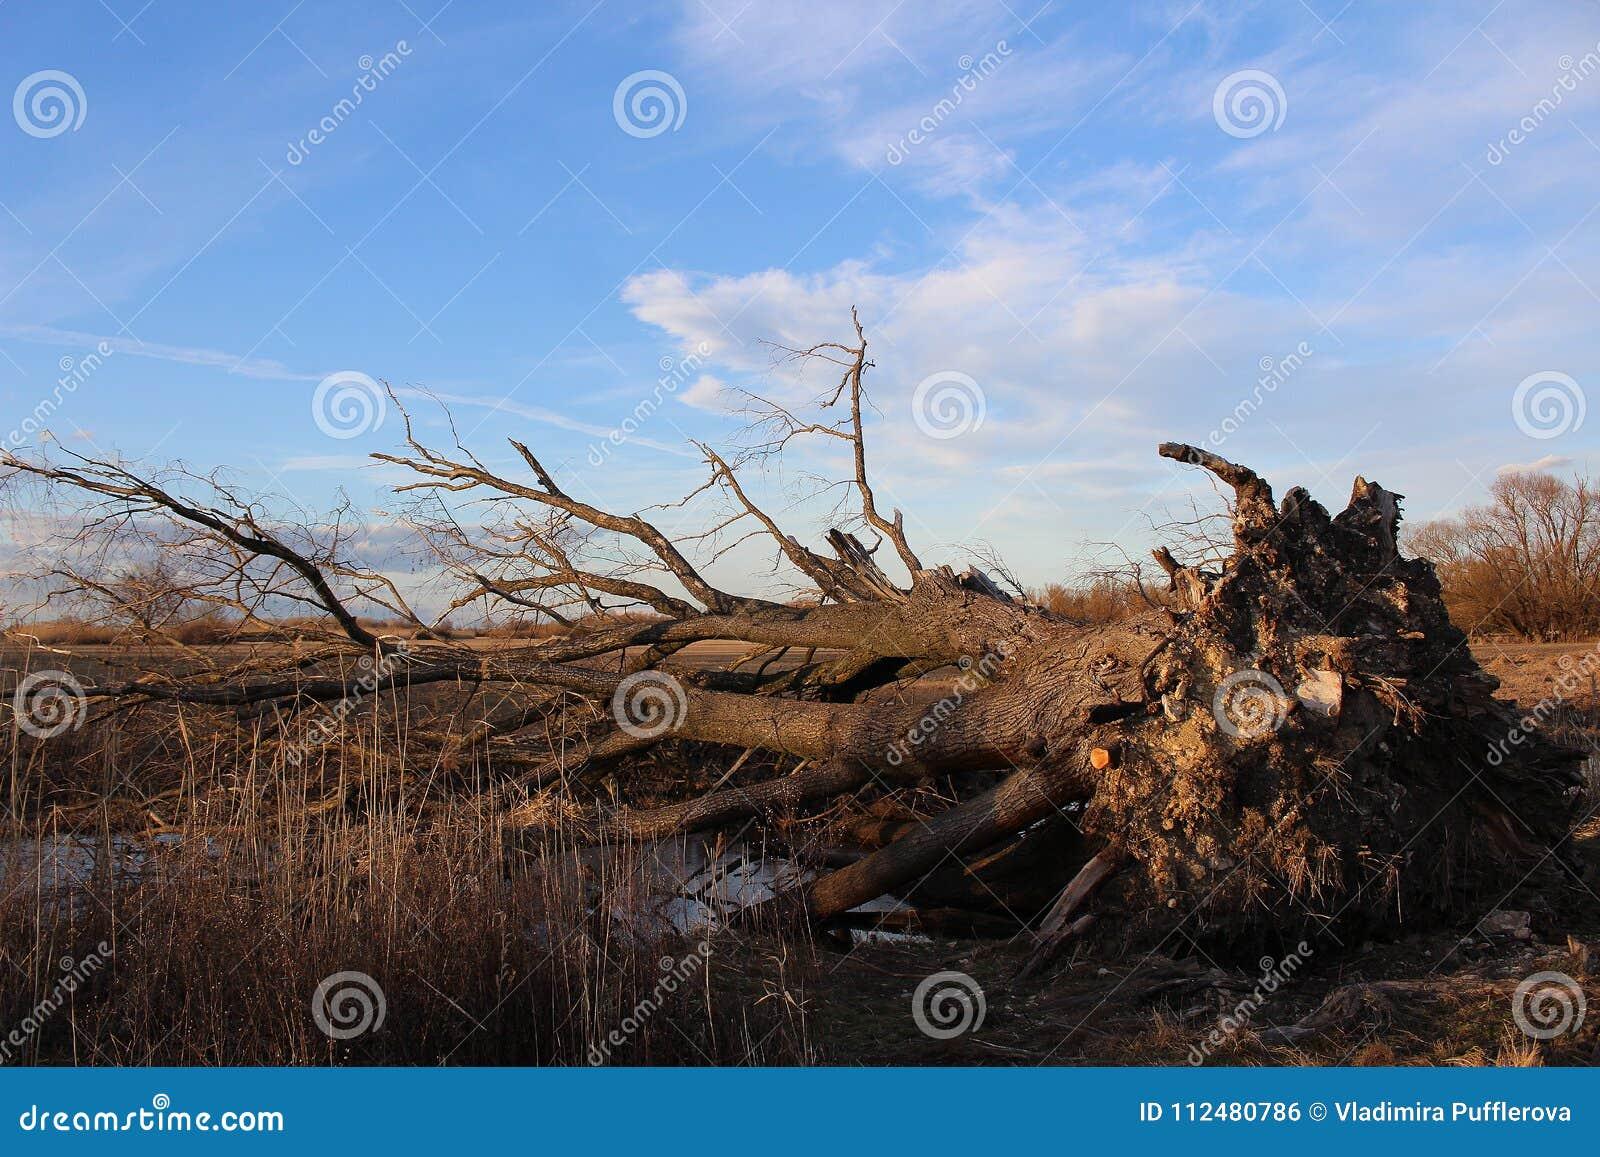 Paisagem - após a tempestade - árvore grande desarraigada por uma tempestade grande